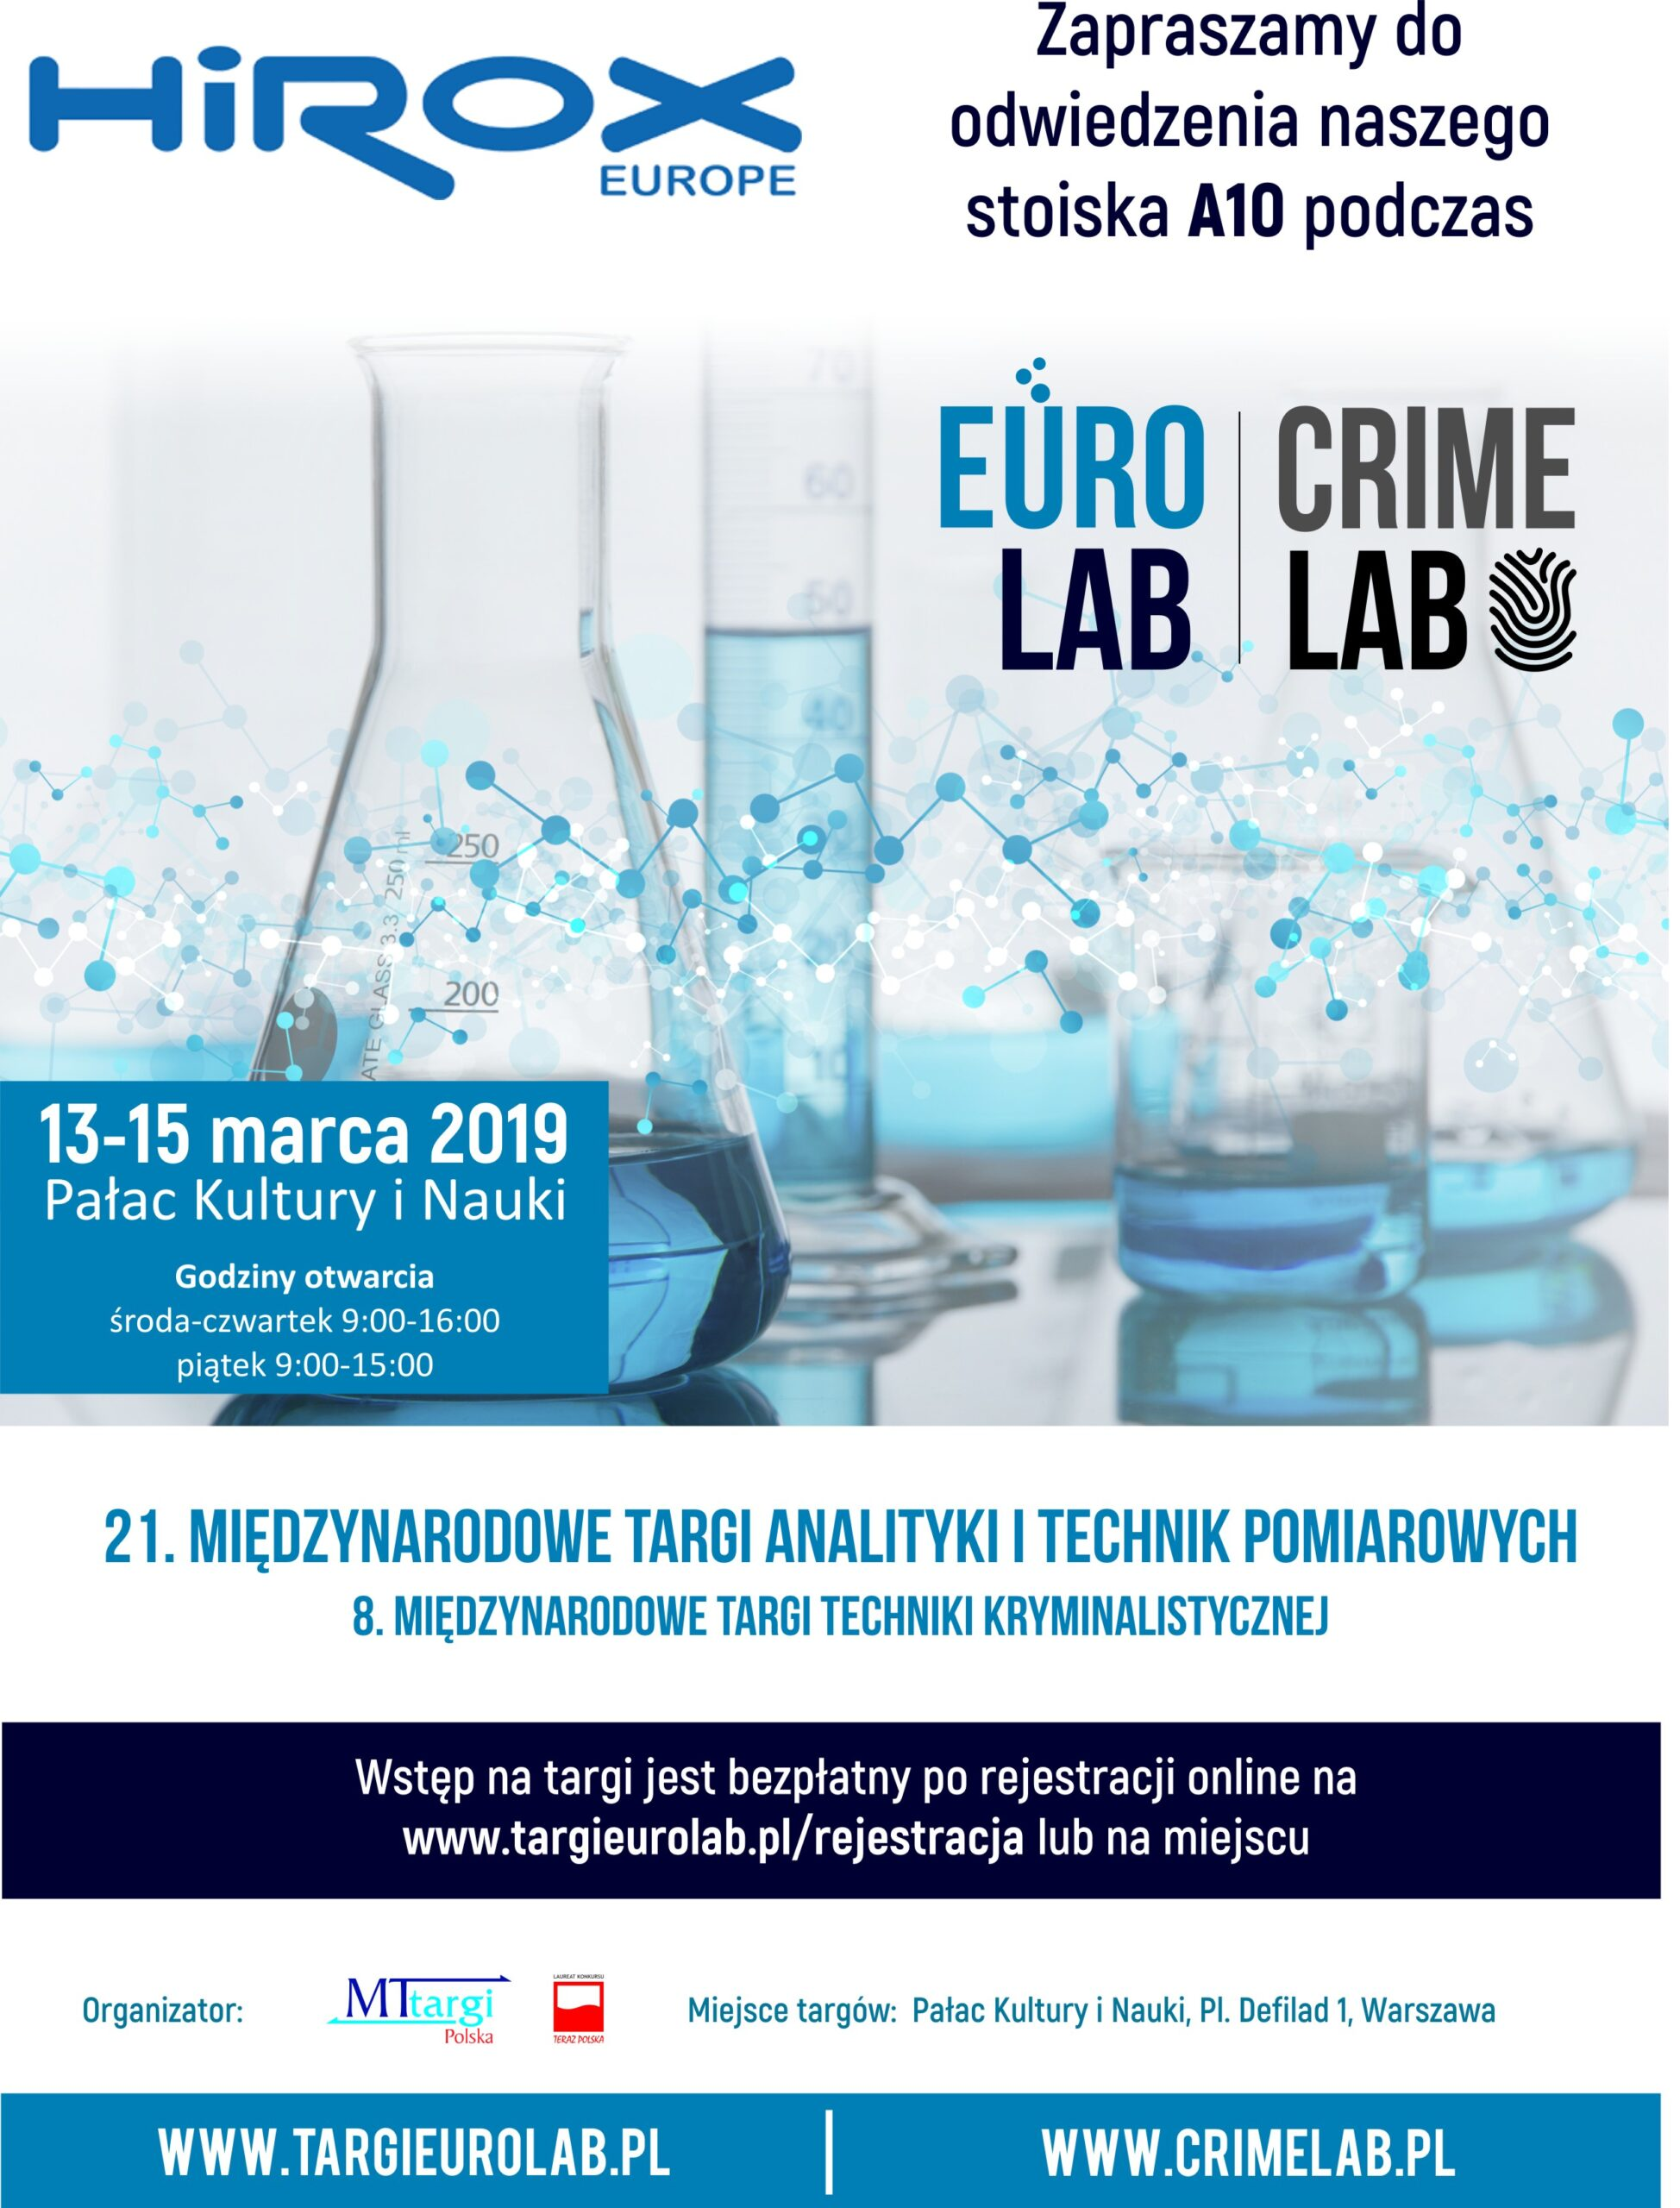 Cyfrowy wideo mikroskop 3D HIROX  na Targach Eurolab & Crimelab 2019